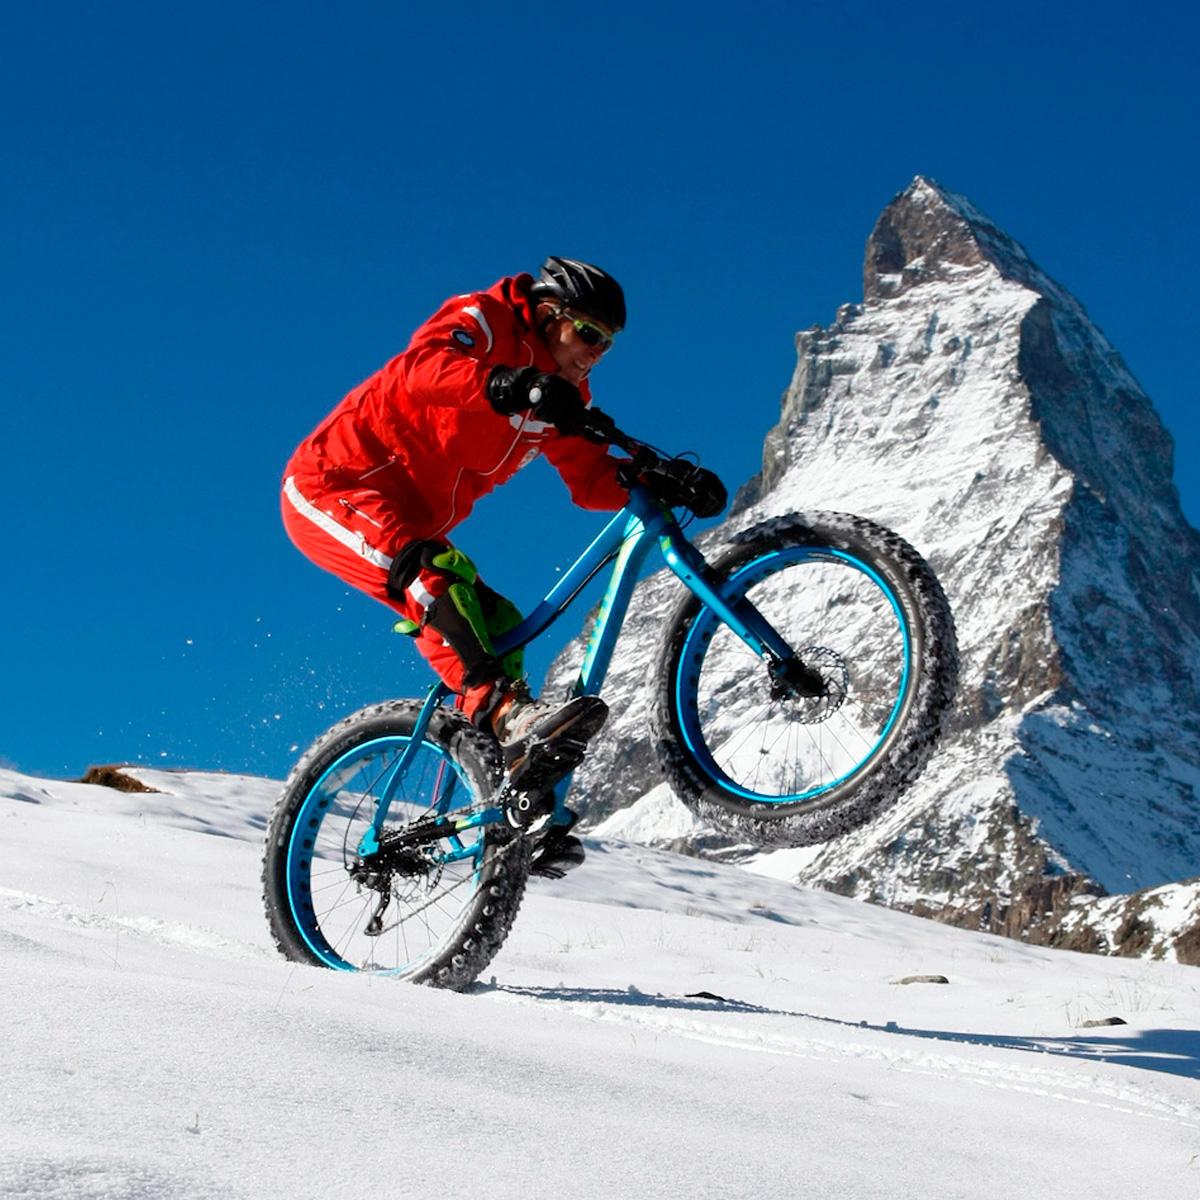 фэтбайк на снегу (зимой)